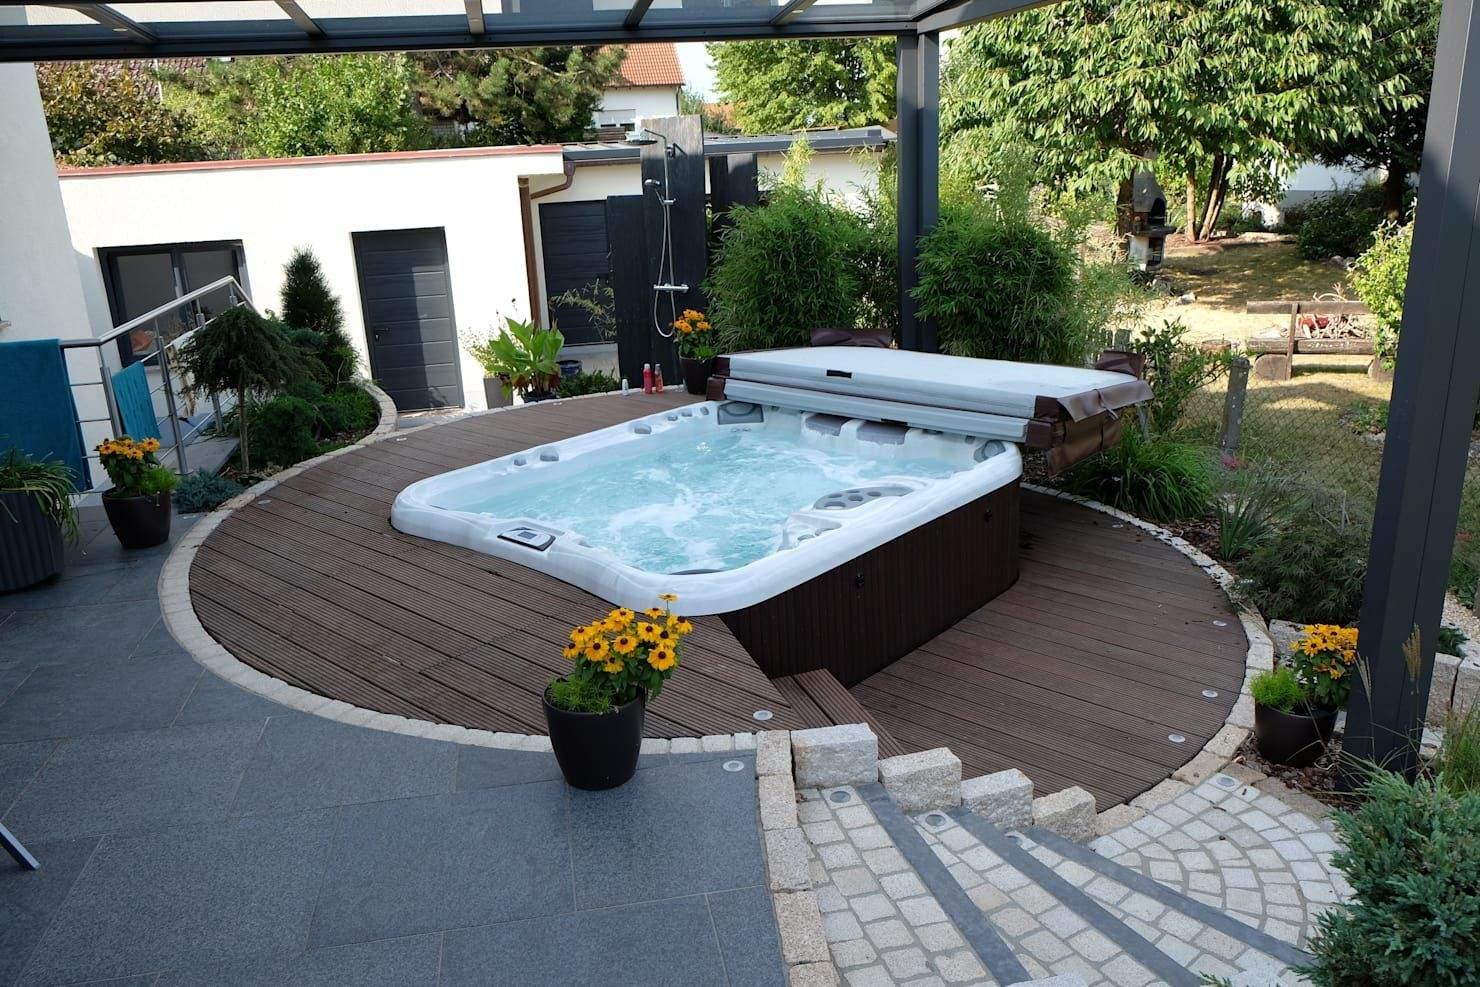 Jacuzzi Garten Reizend 22 Mini Pools Sich Fantastisch In Deinem Garten Machen